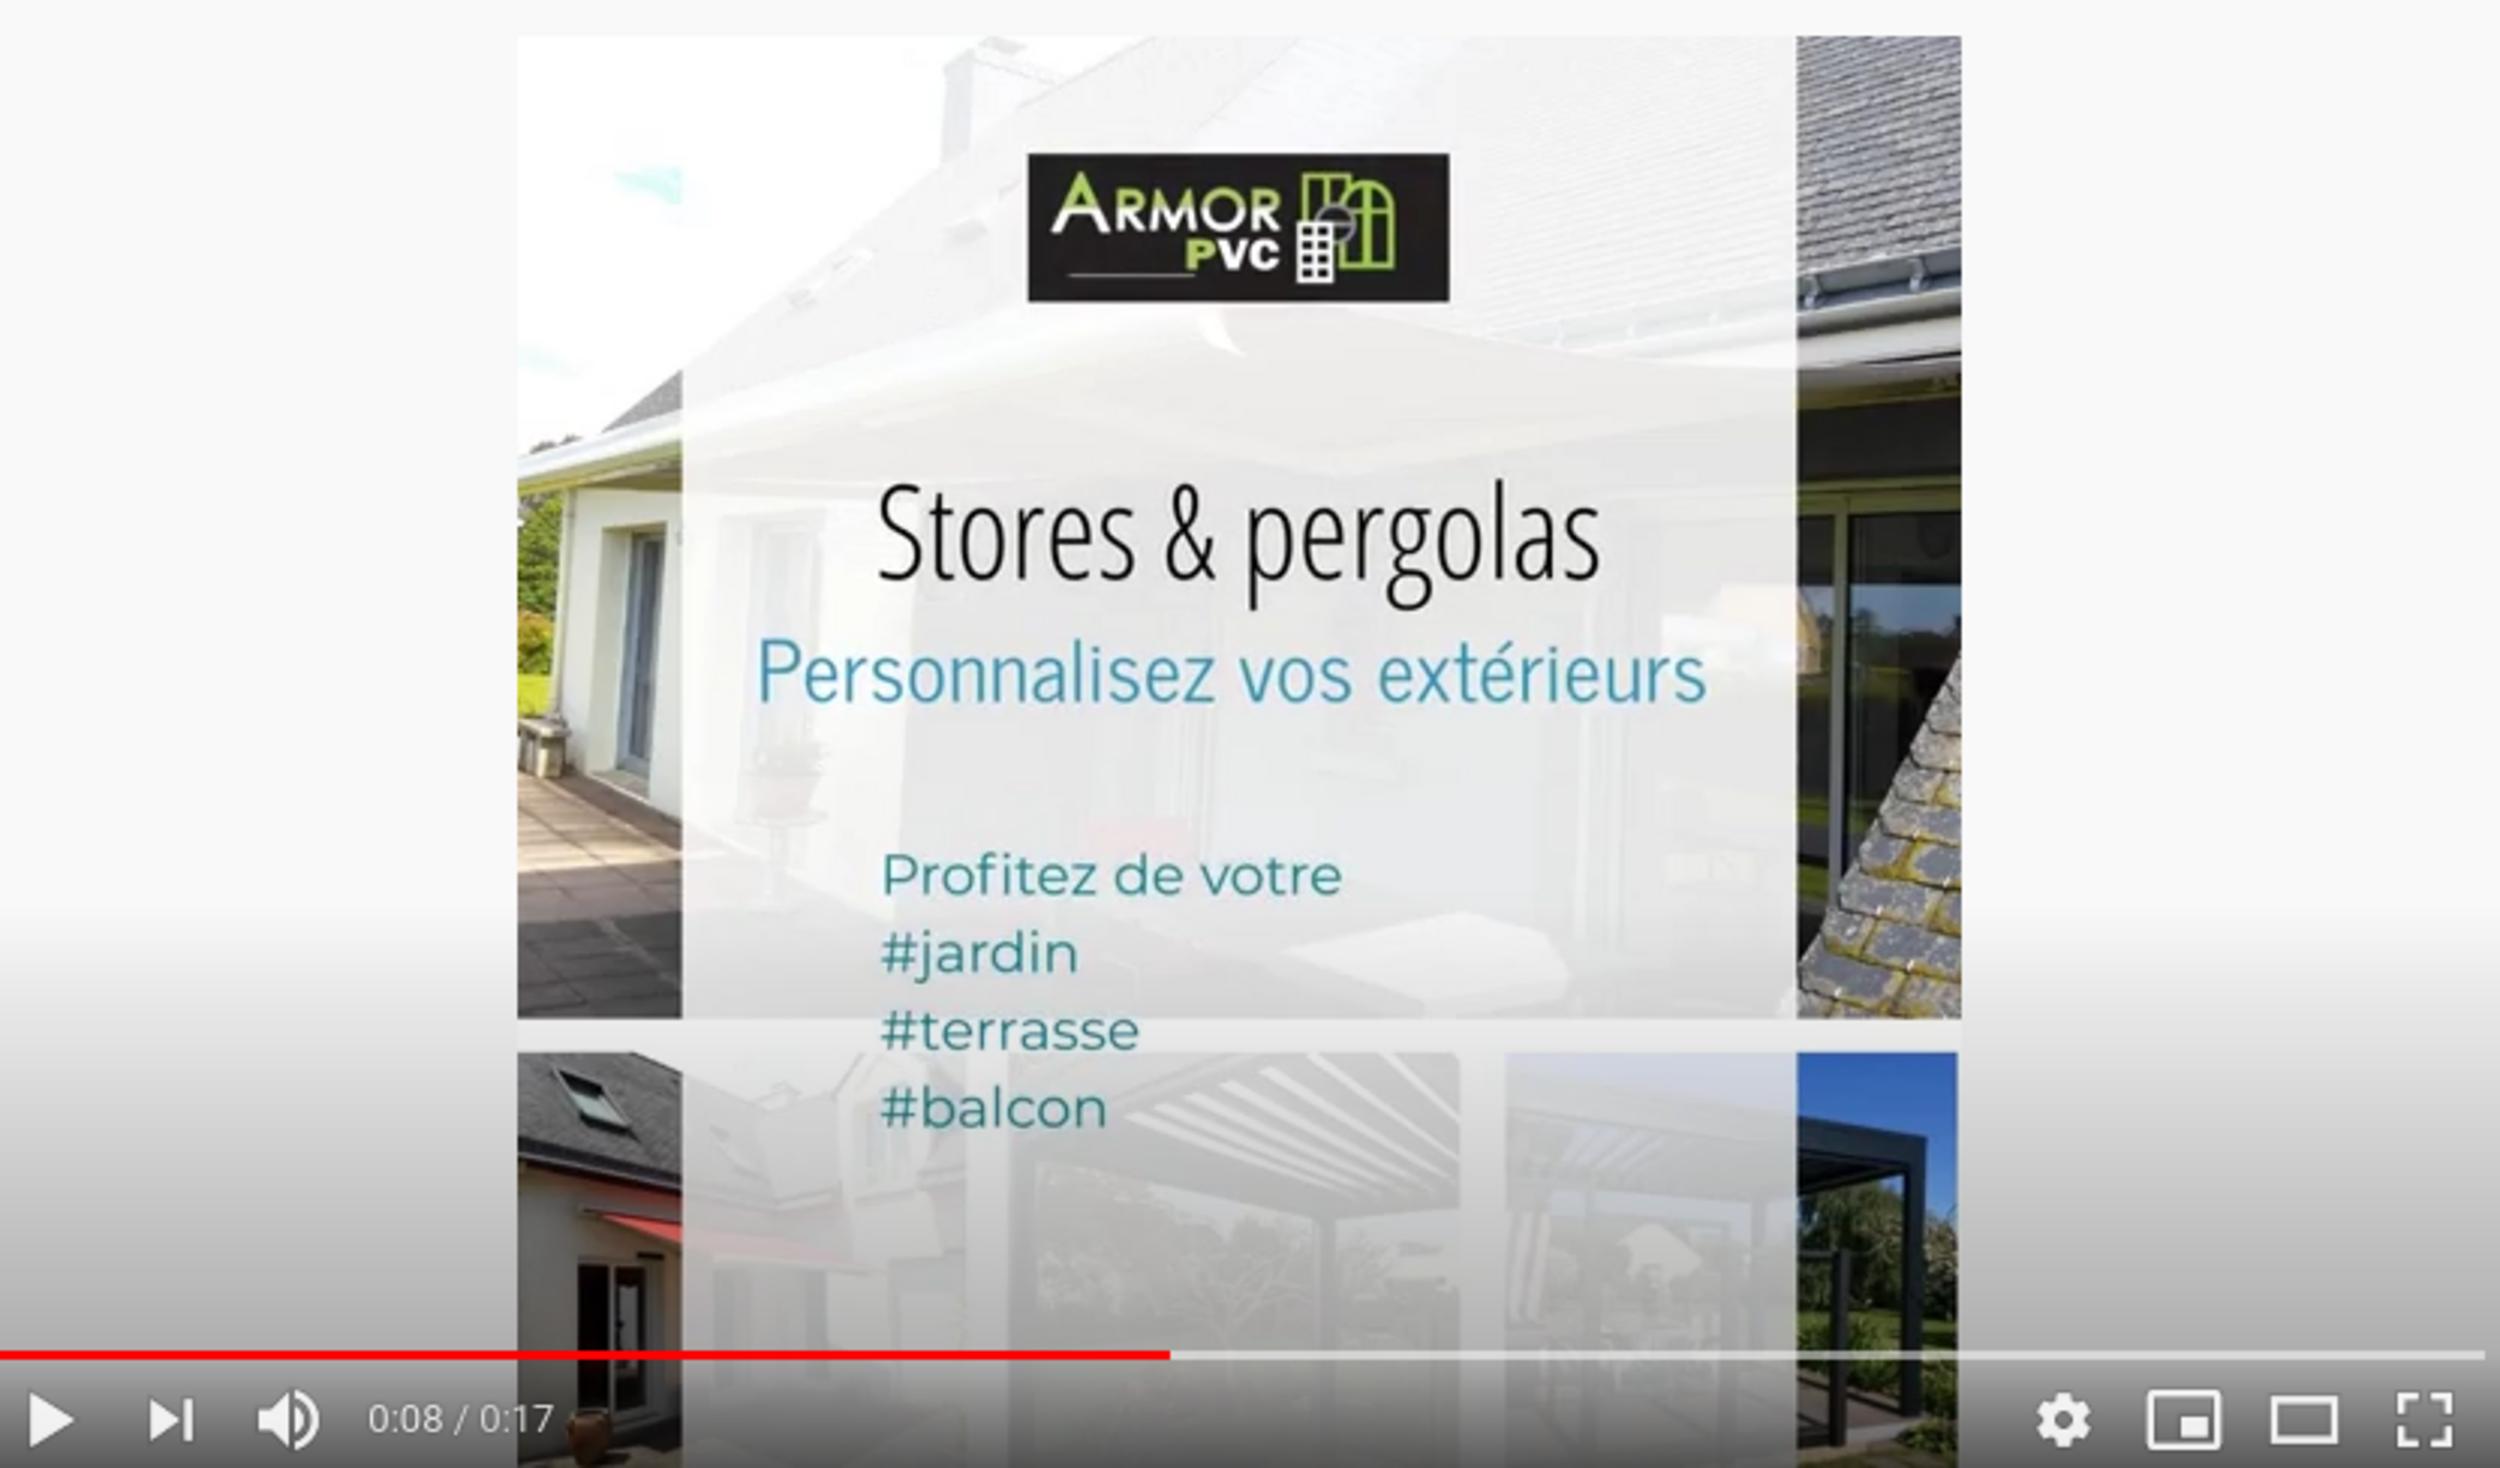 Stores et pergolas pour terrasses, balcons, baies et fenêtres